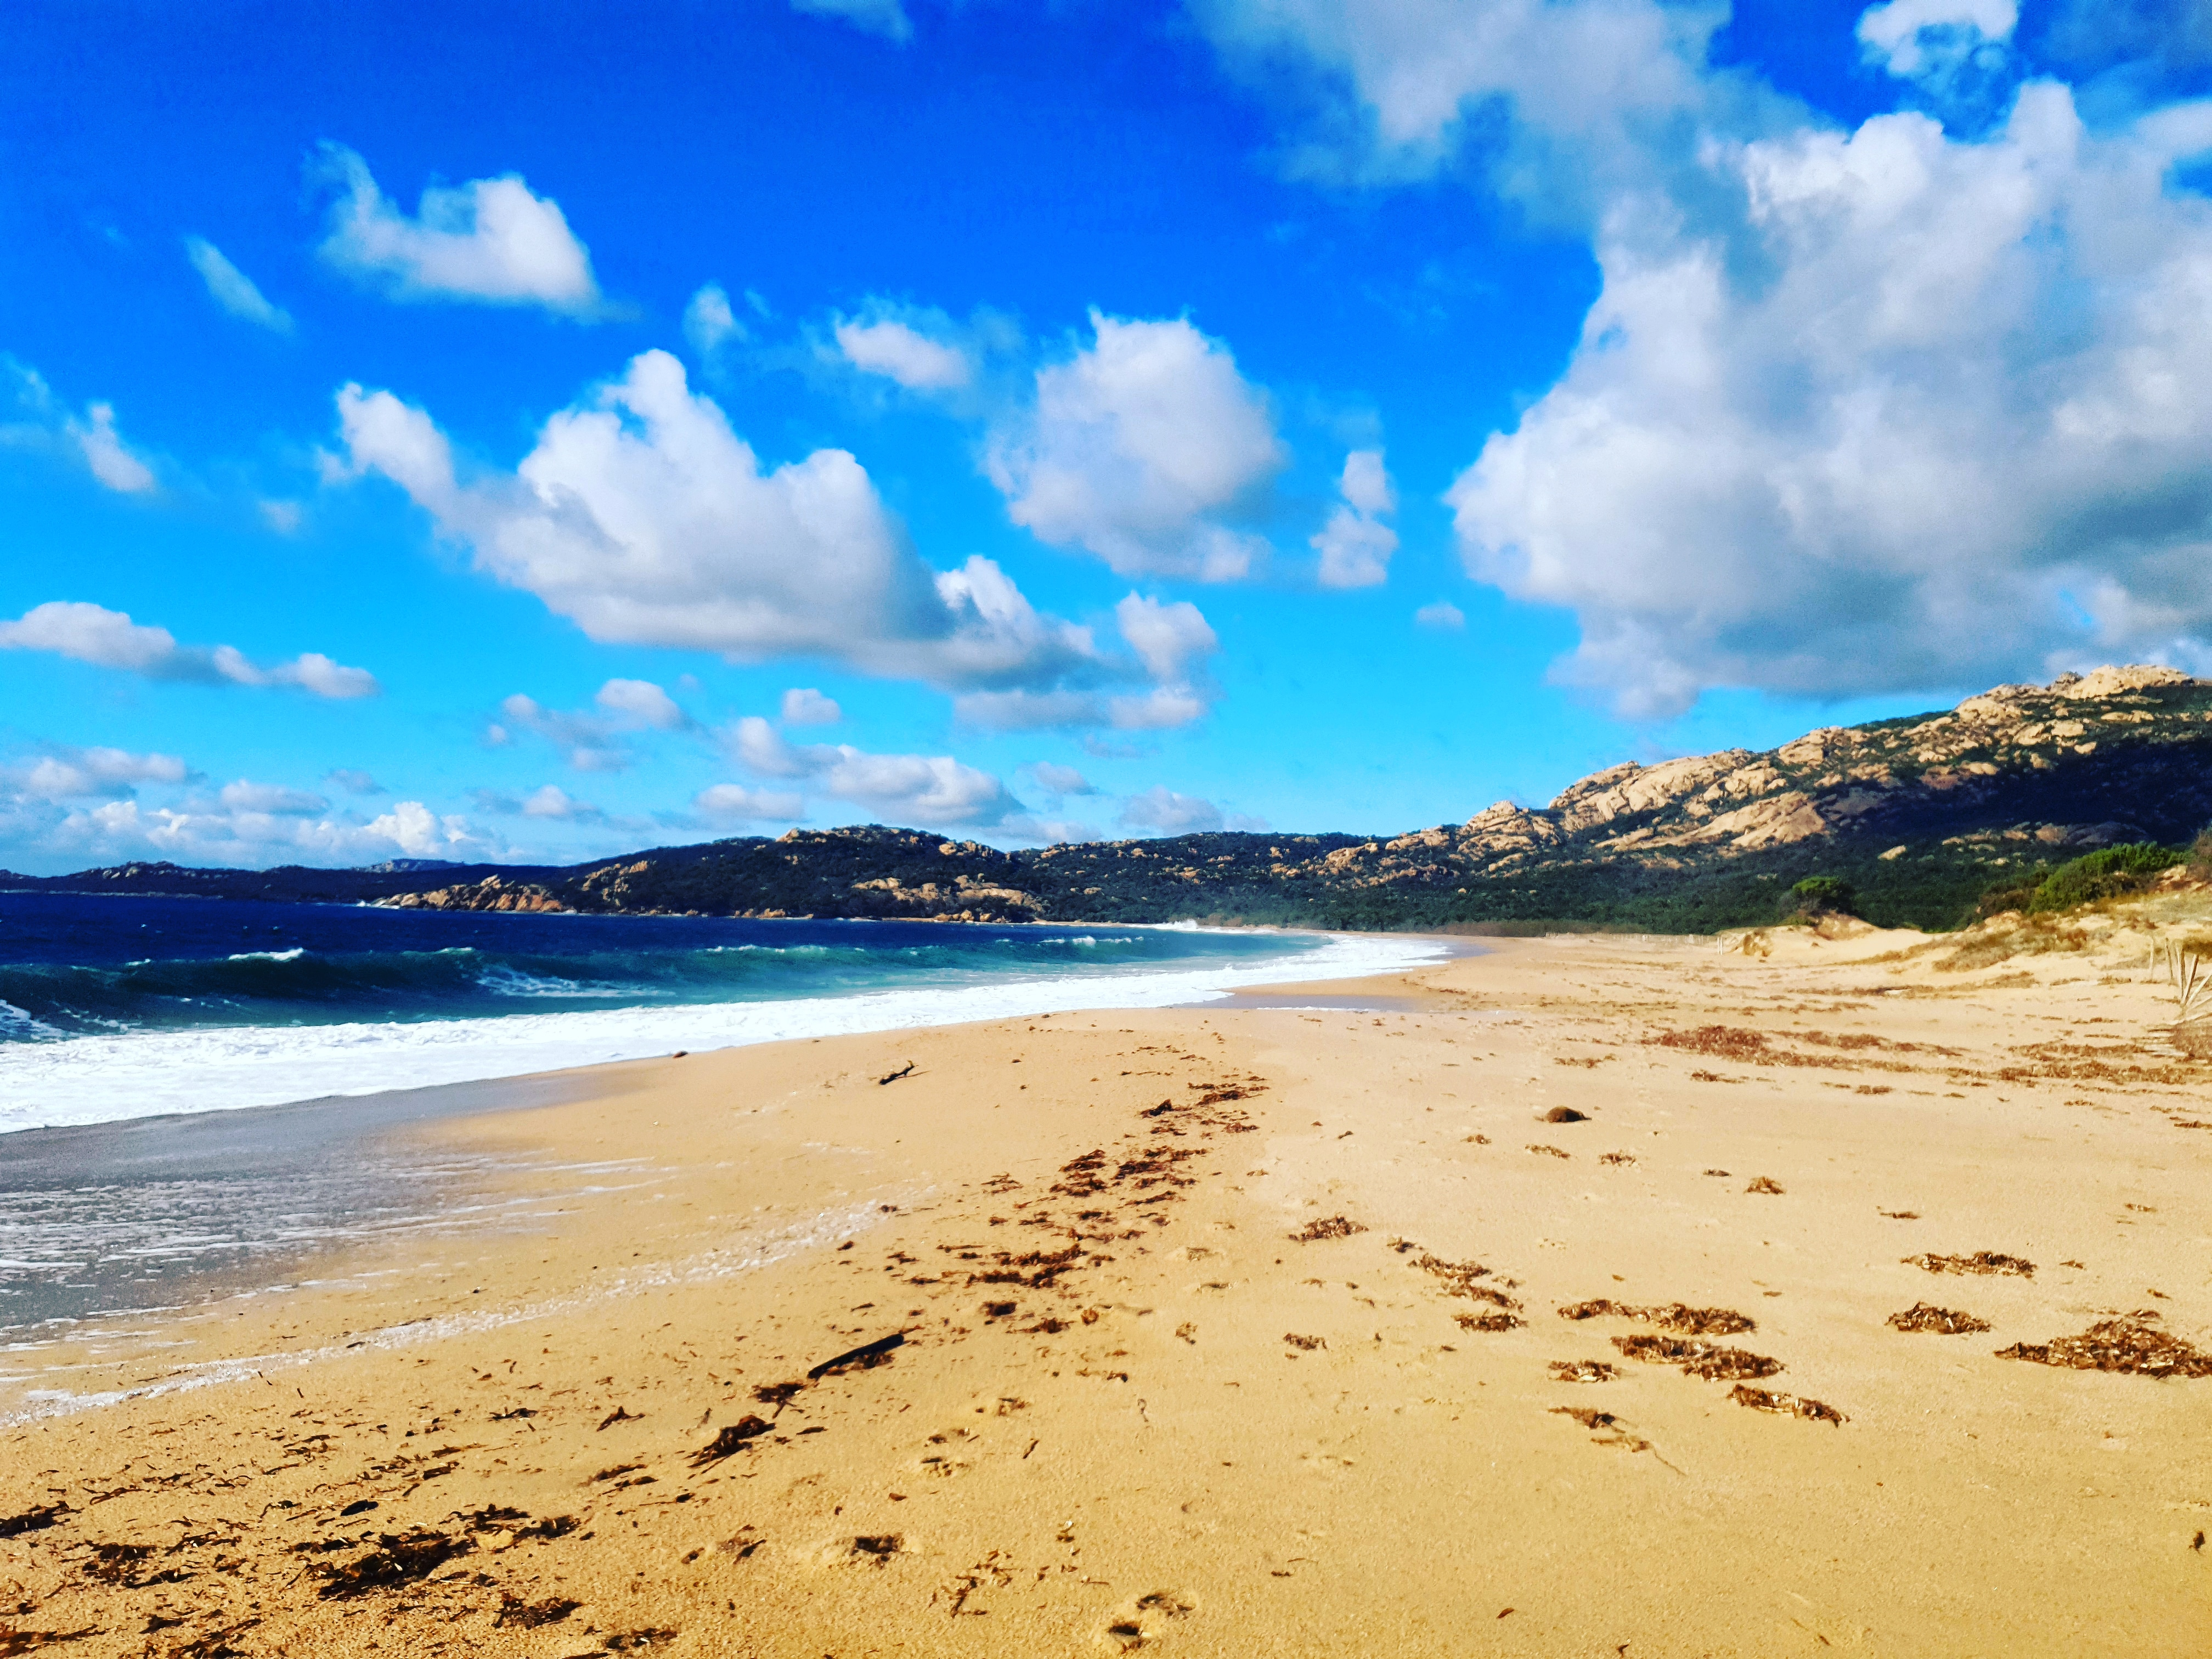 La photo du jour : Sur le sable doré de Murtoli